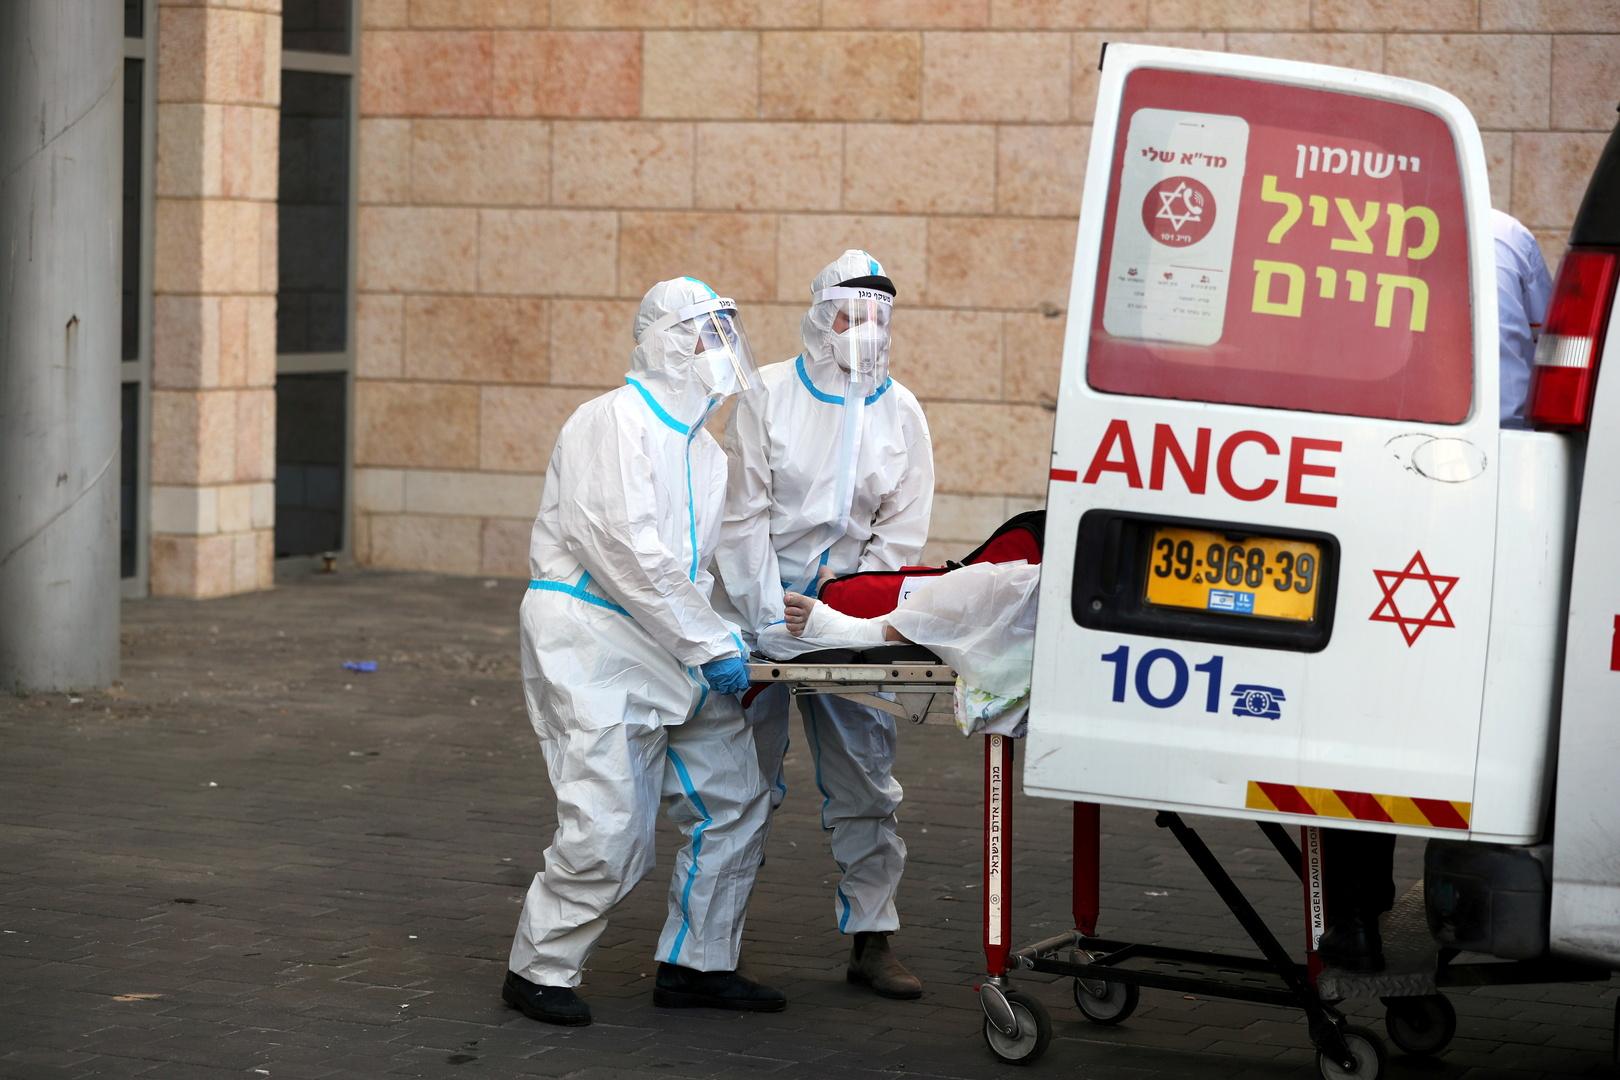 الصحة الإسرائيلية: تراجع الإصابات بكورونا 31 %